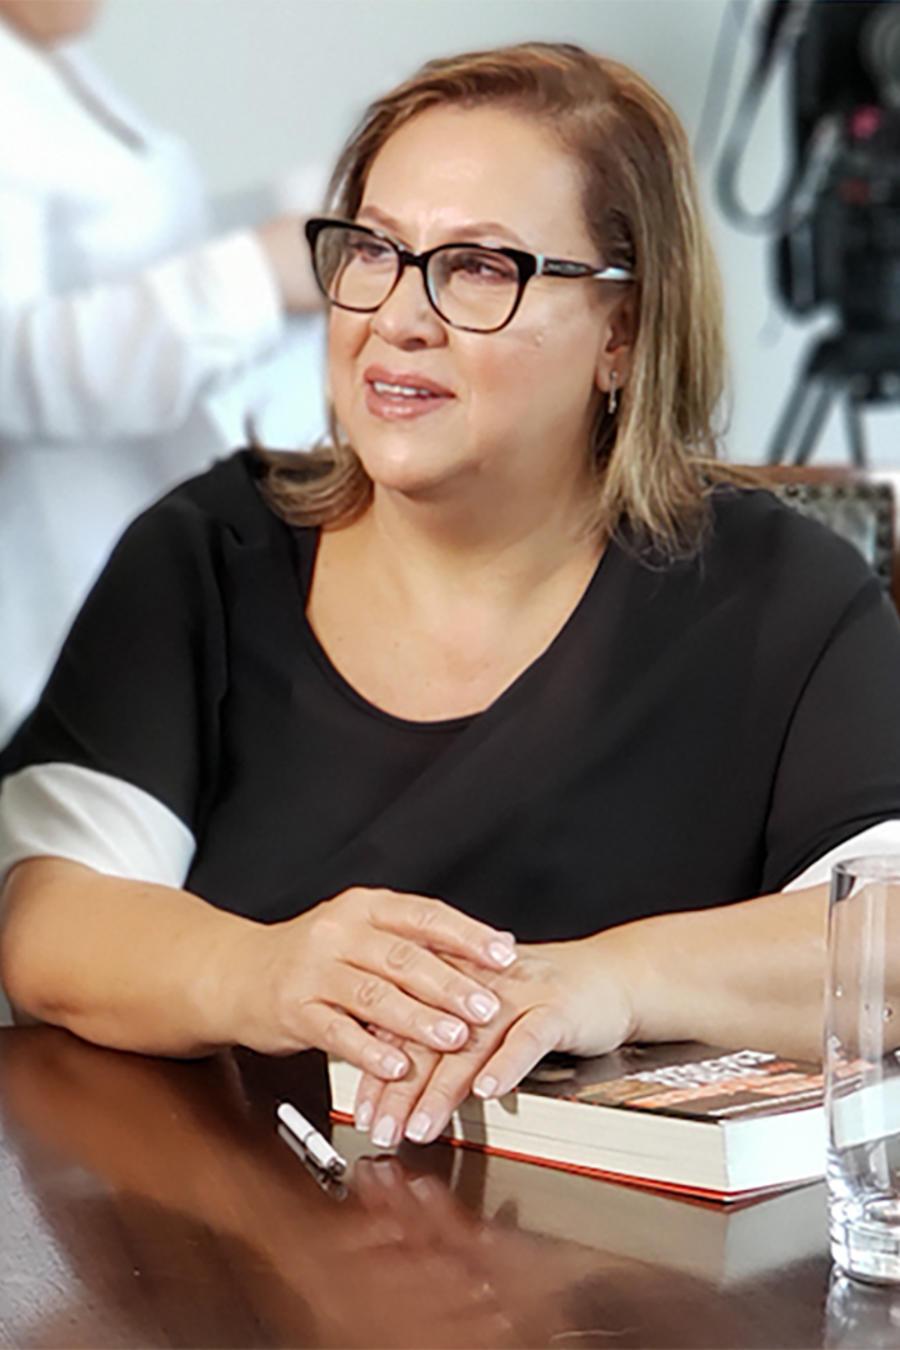 viuda de Pablo Escobar y Rashel Diaz